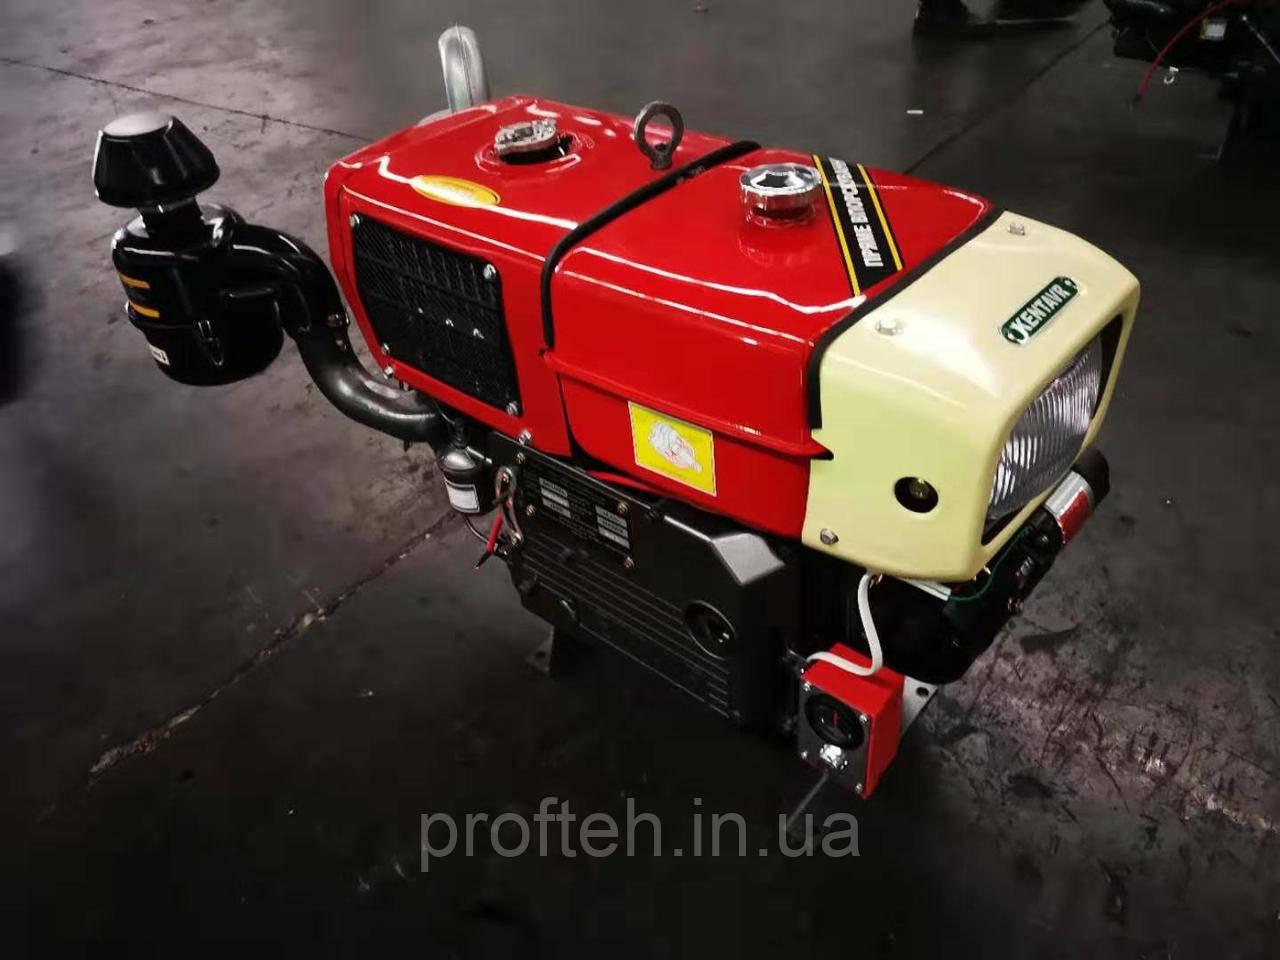 Дизельный двигатель для минитрактора Кентавр ДД1110ВЭ (20,0 л.с., электростартер)